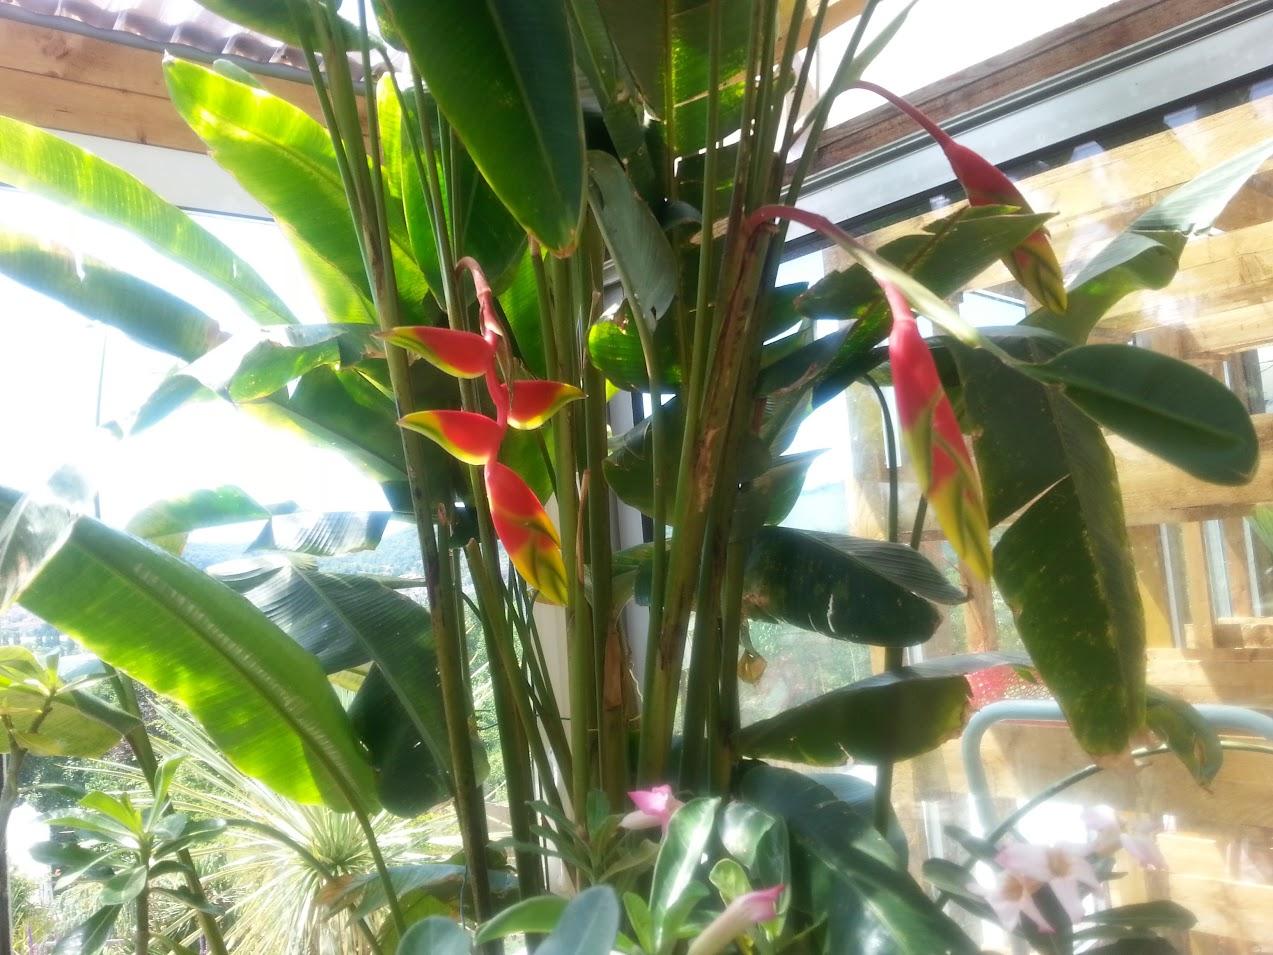 floraisons du mois - Page 26 FLC_XH-4HWrE2W3Zq20jEYDhZmW_OvslNYgPRzKYcR2Y=w1274-h955-no